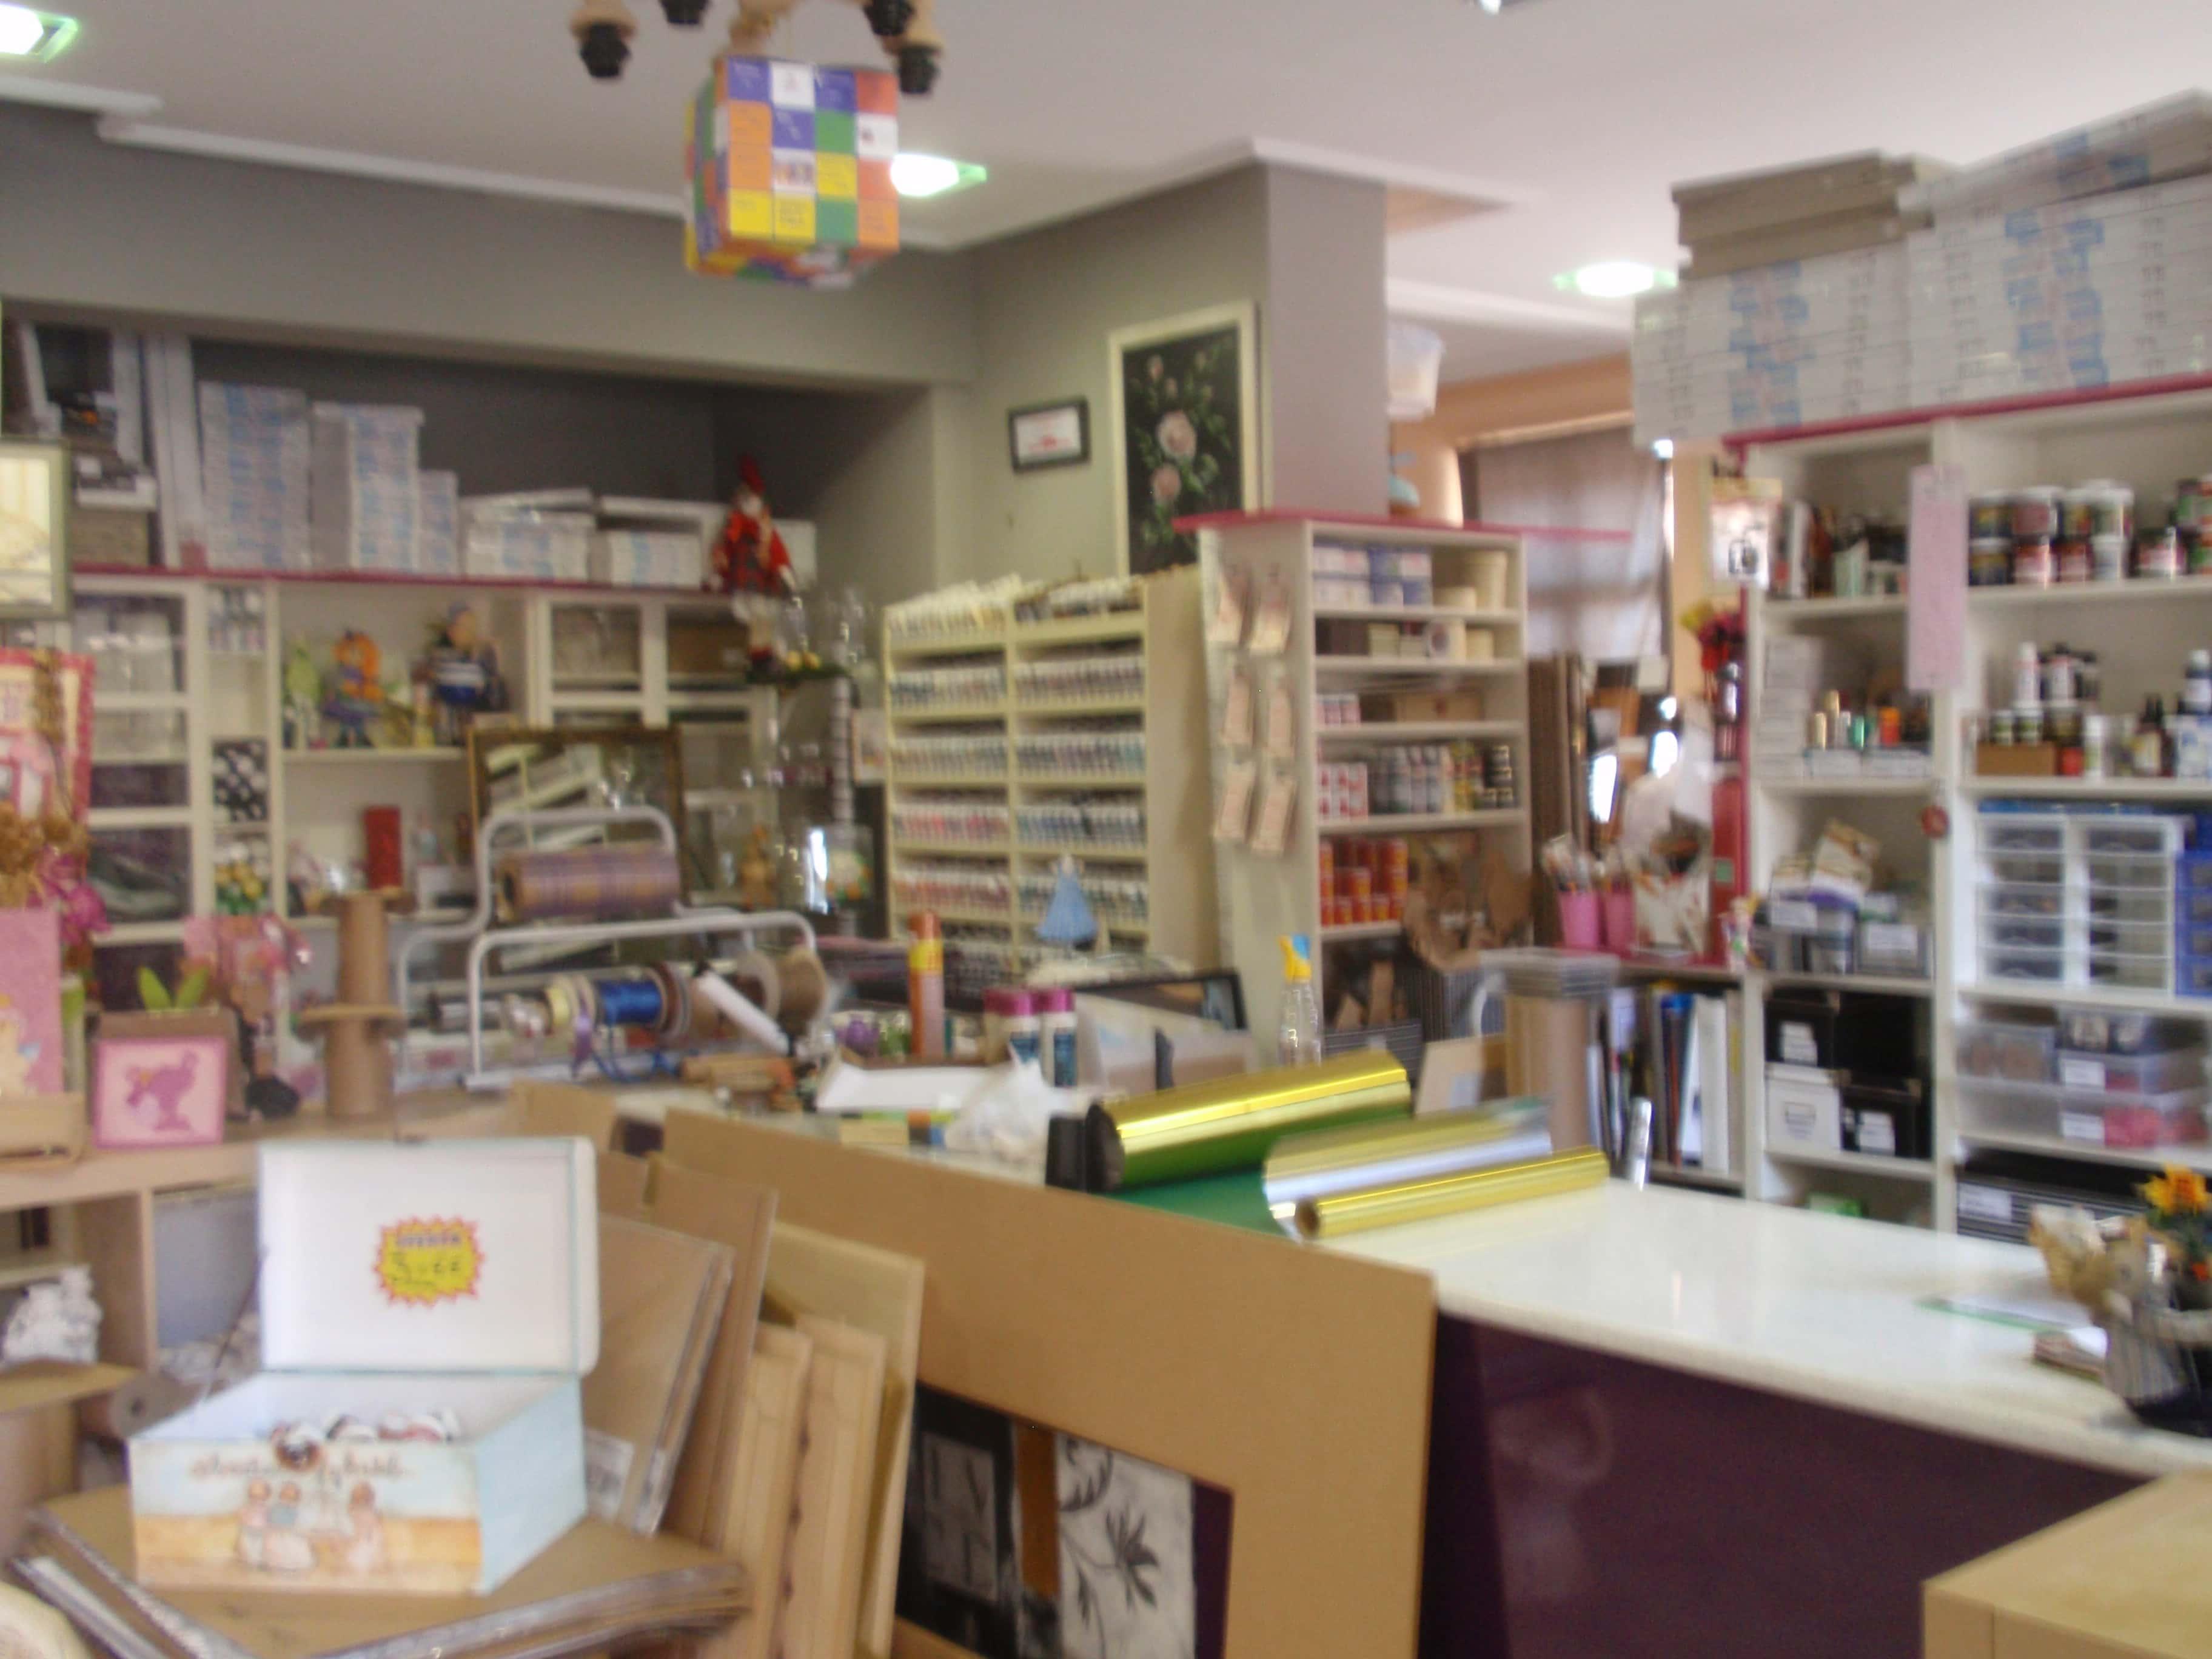 Leadercal 077 comercio de manualidades y bricolaje en melgar de fernamental proyectos - Manualidades y bricolaje ...